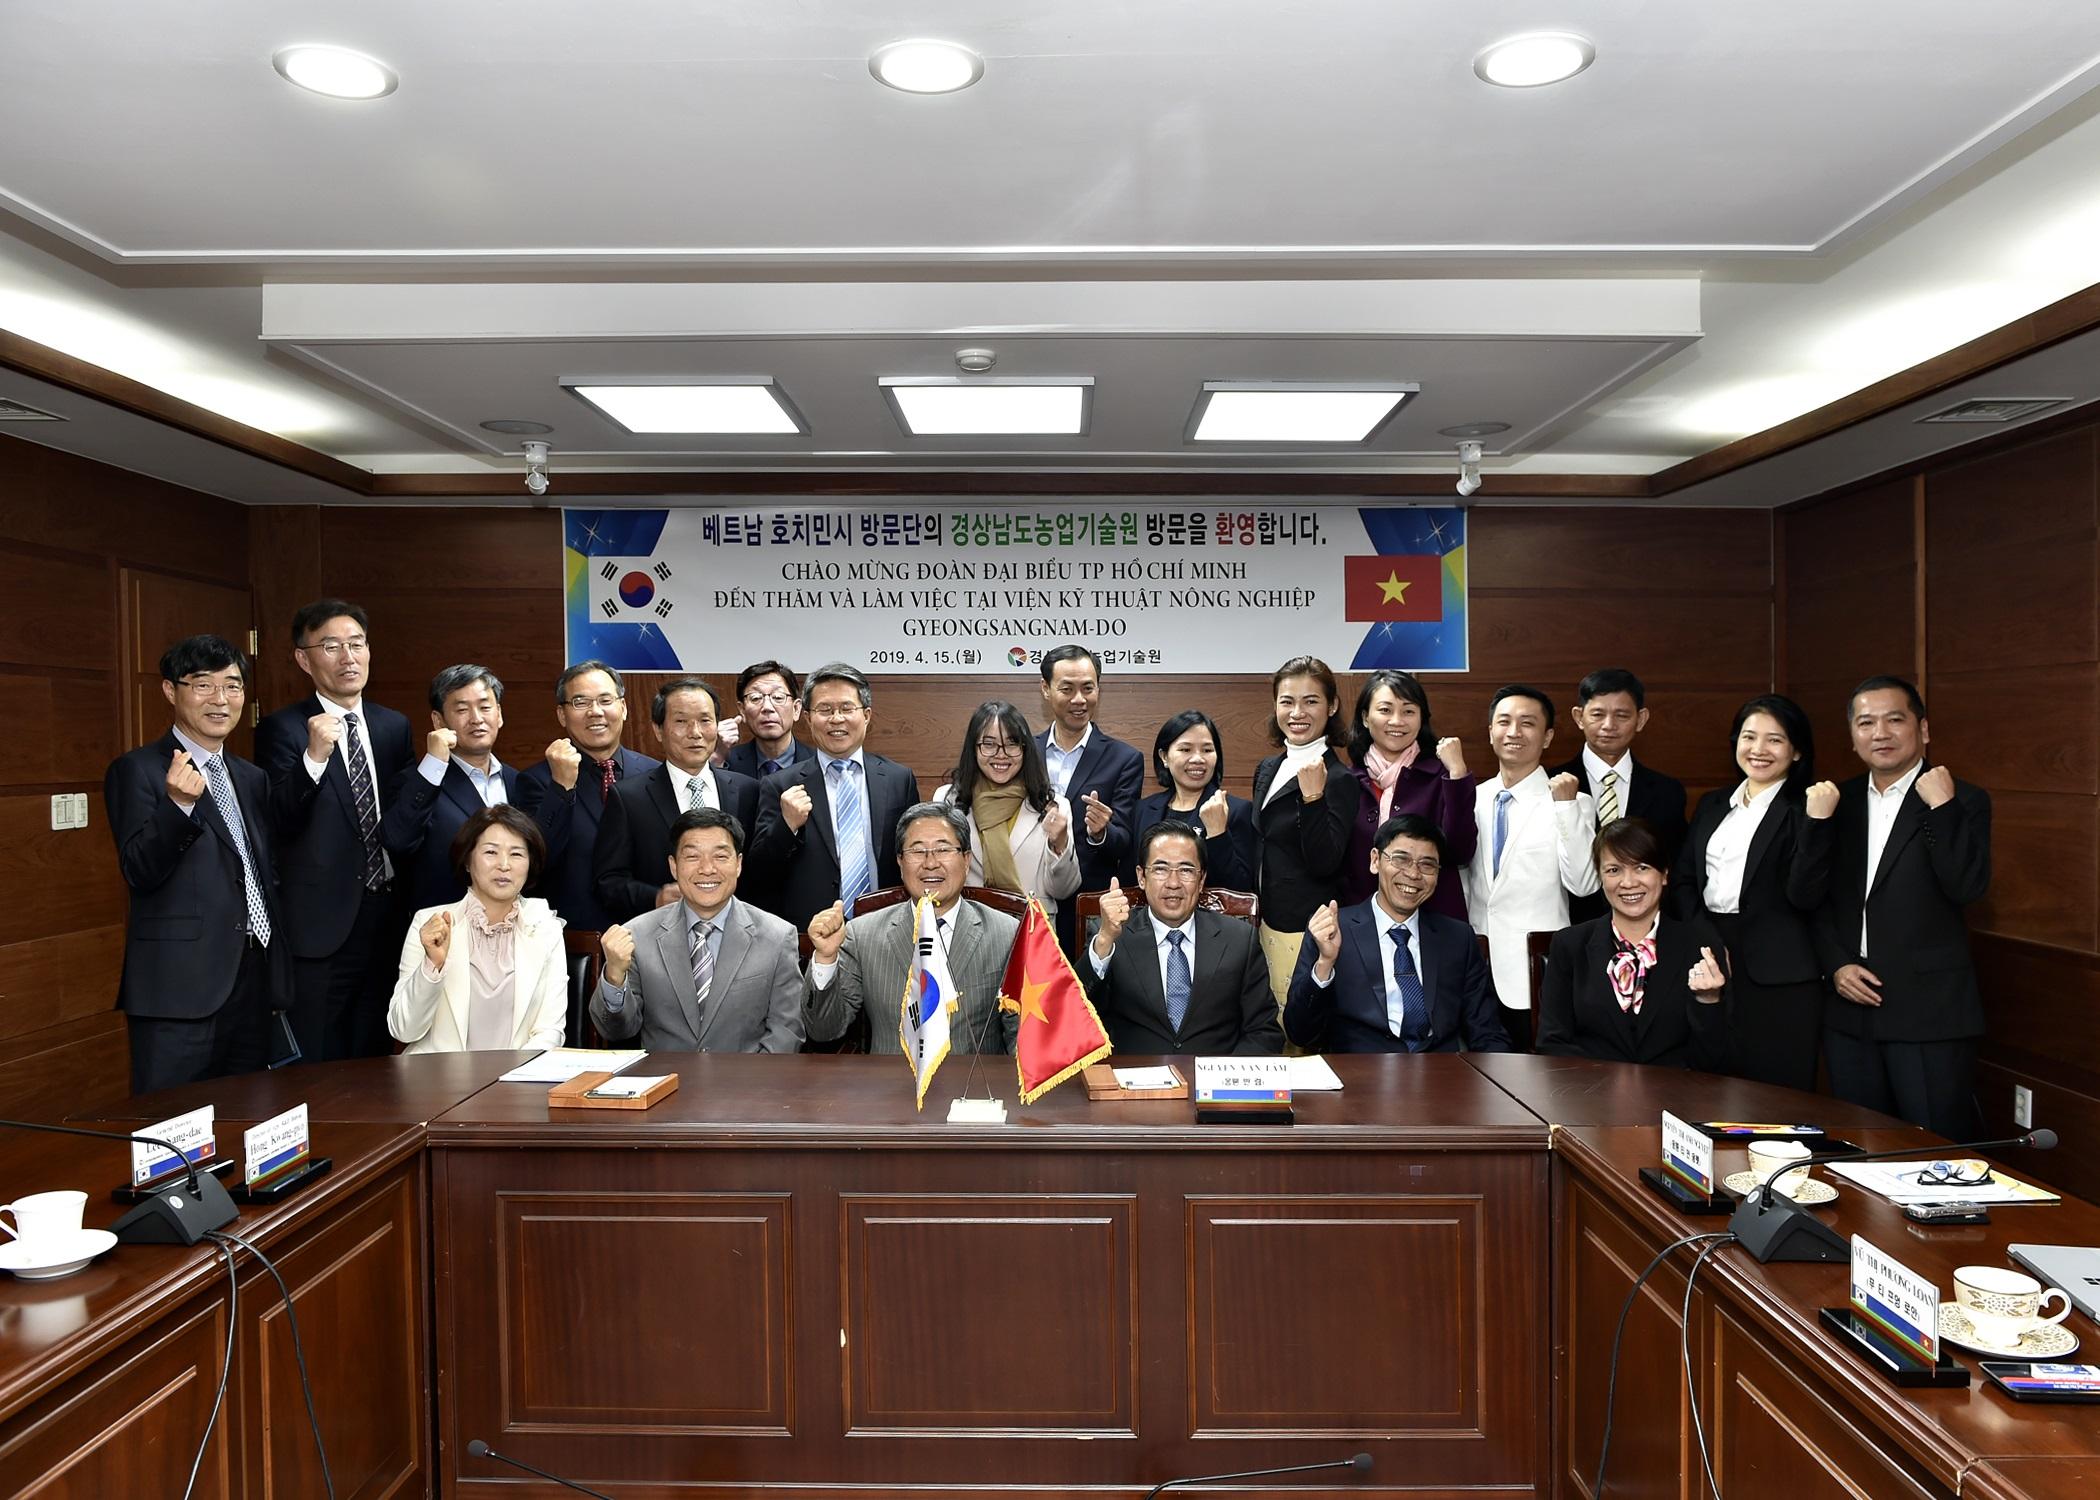 베트남 호치민시 대표단, 경남농업기술원 방문